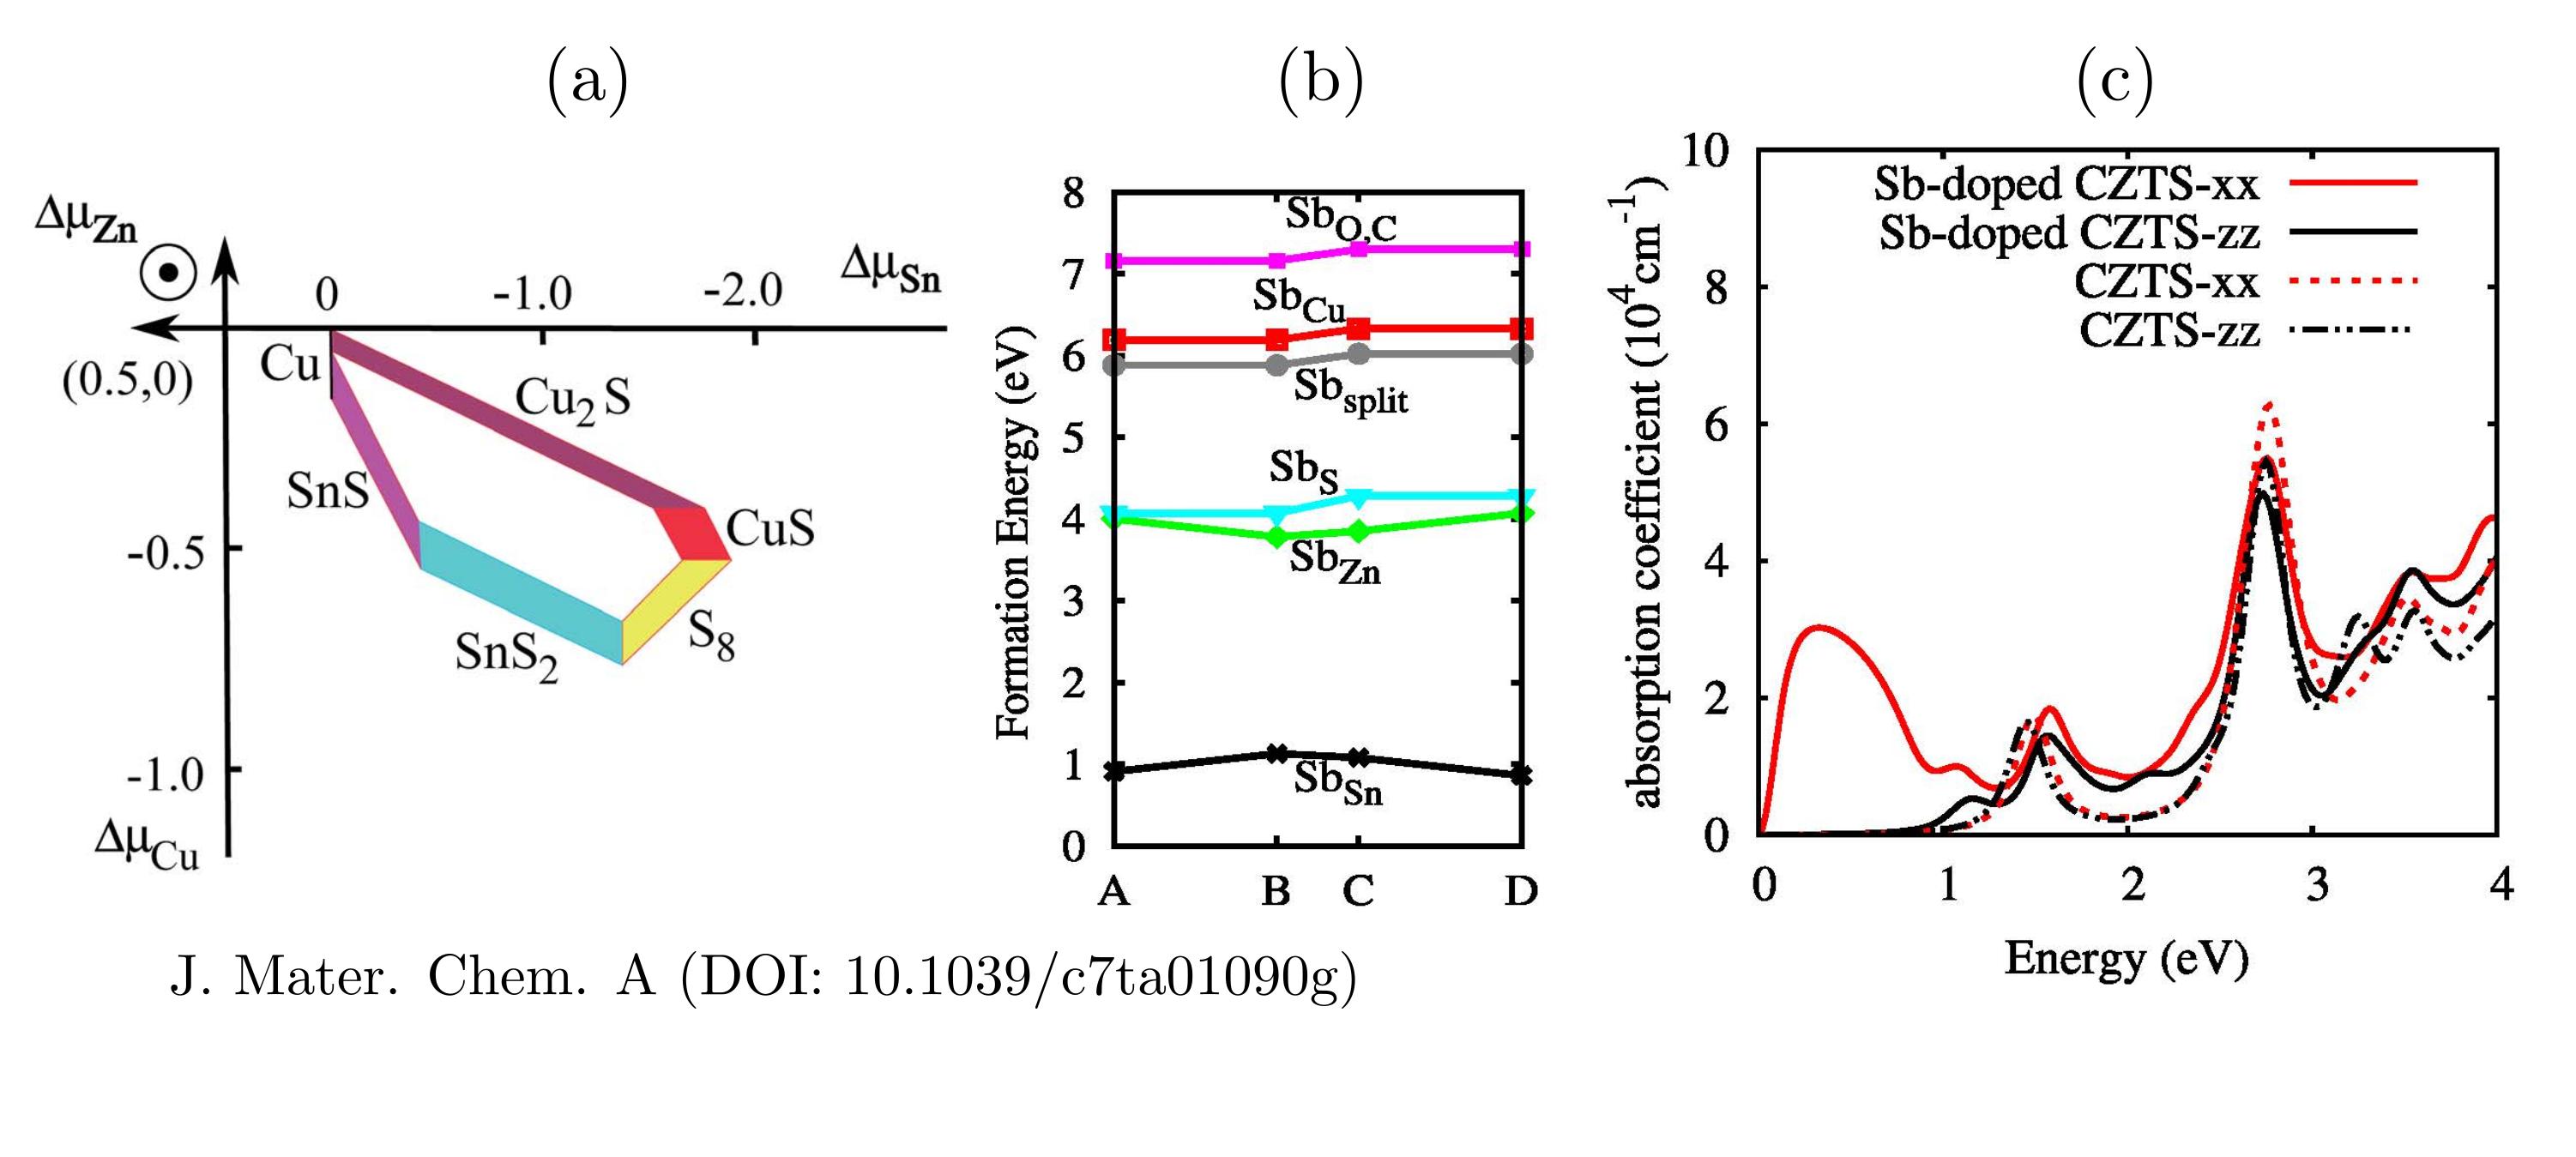 在提高薄膜太阳能电池效率研究方面取得新进展